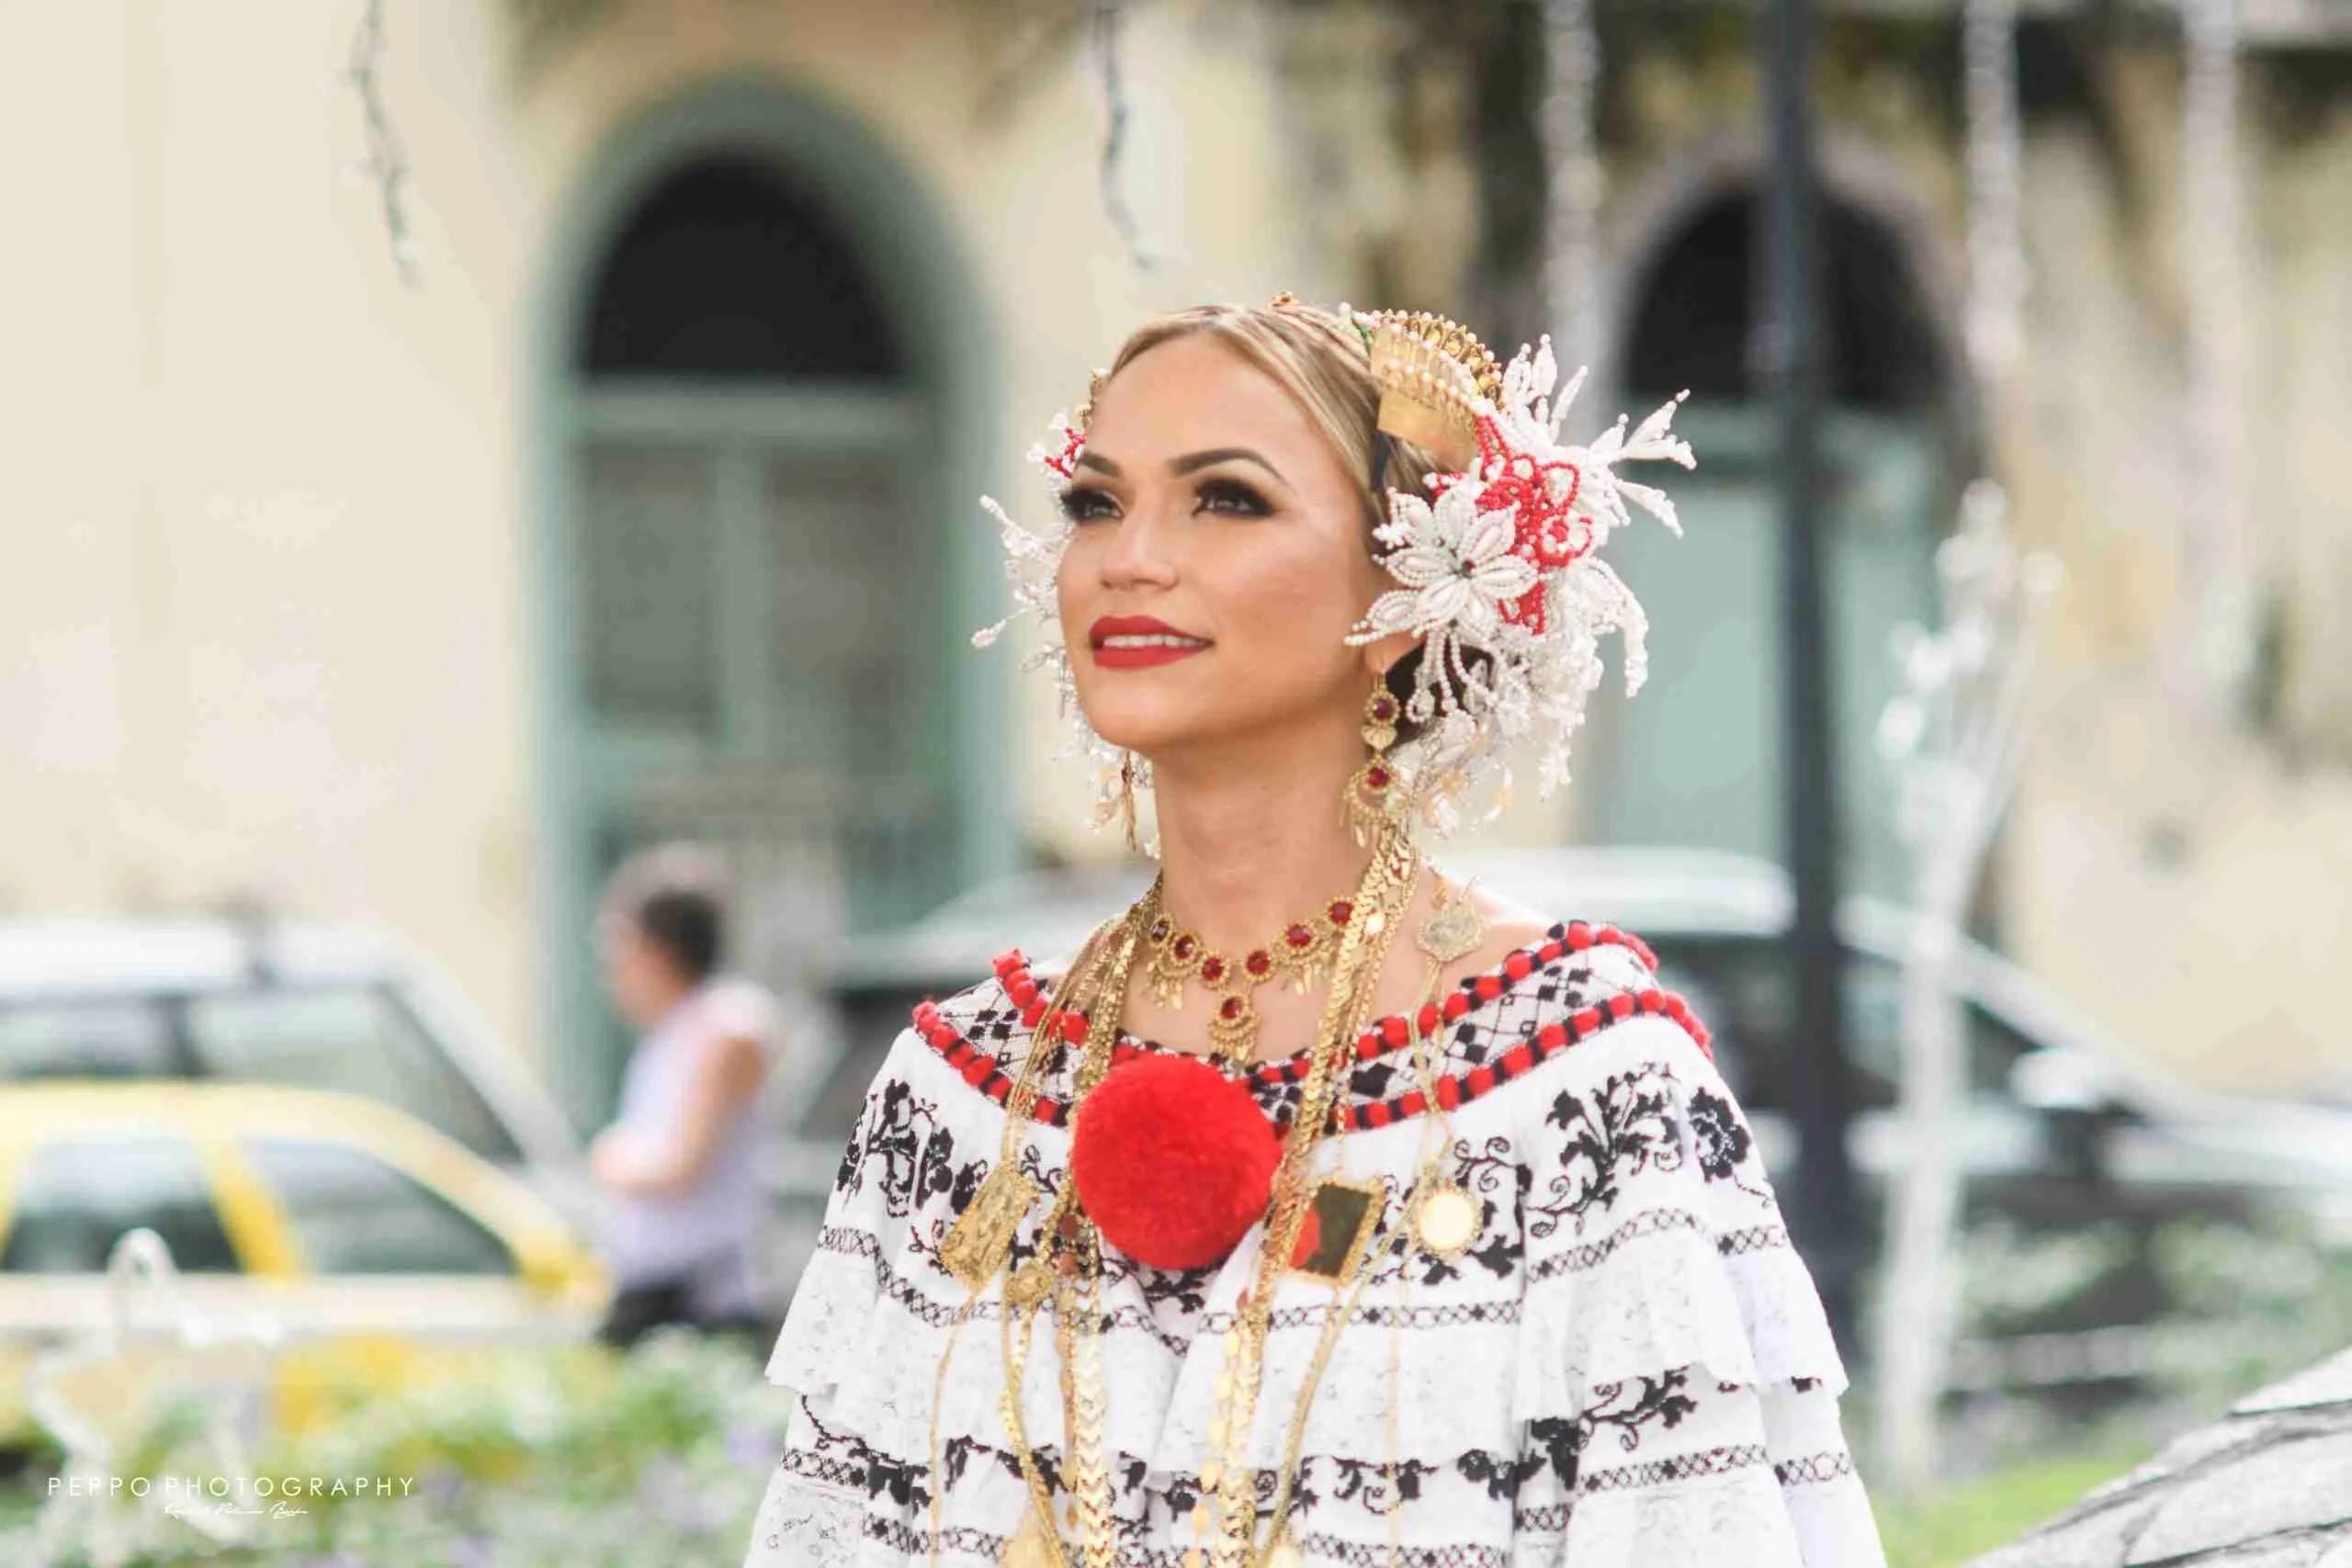 Retrato de Mujer Panameña